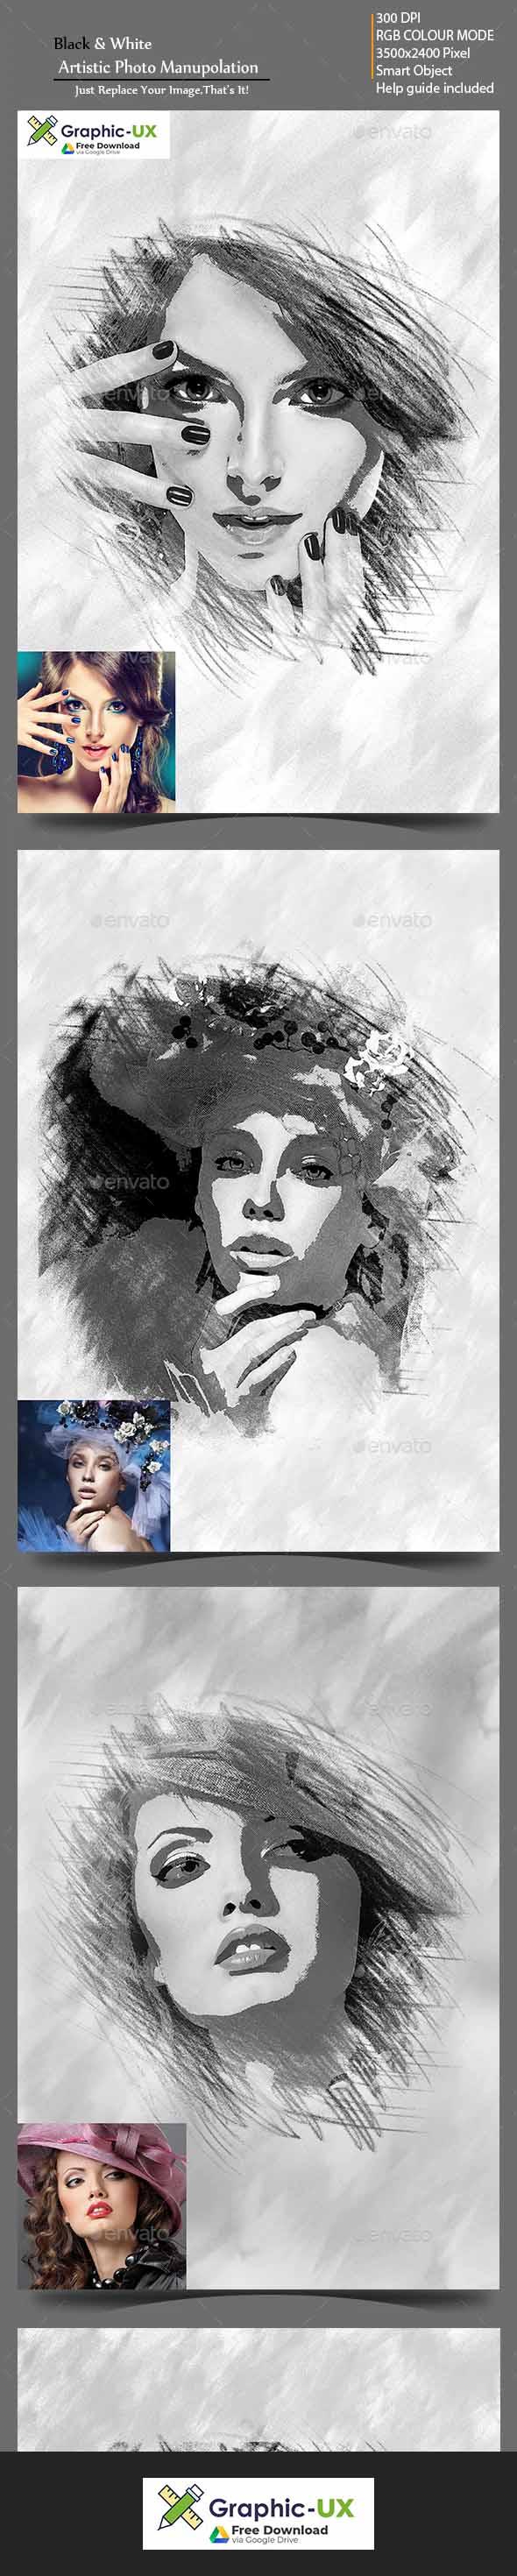 Black & White Artistic Photo Manuolation